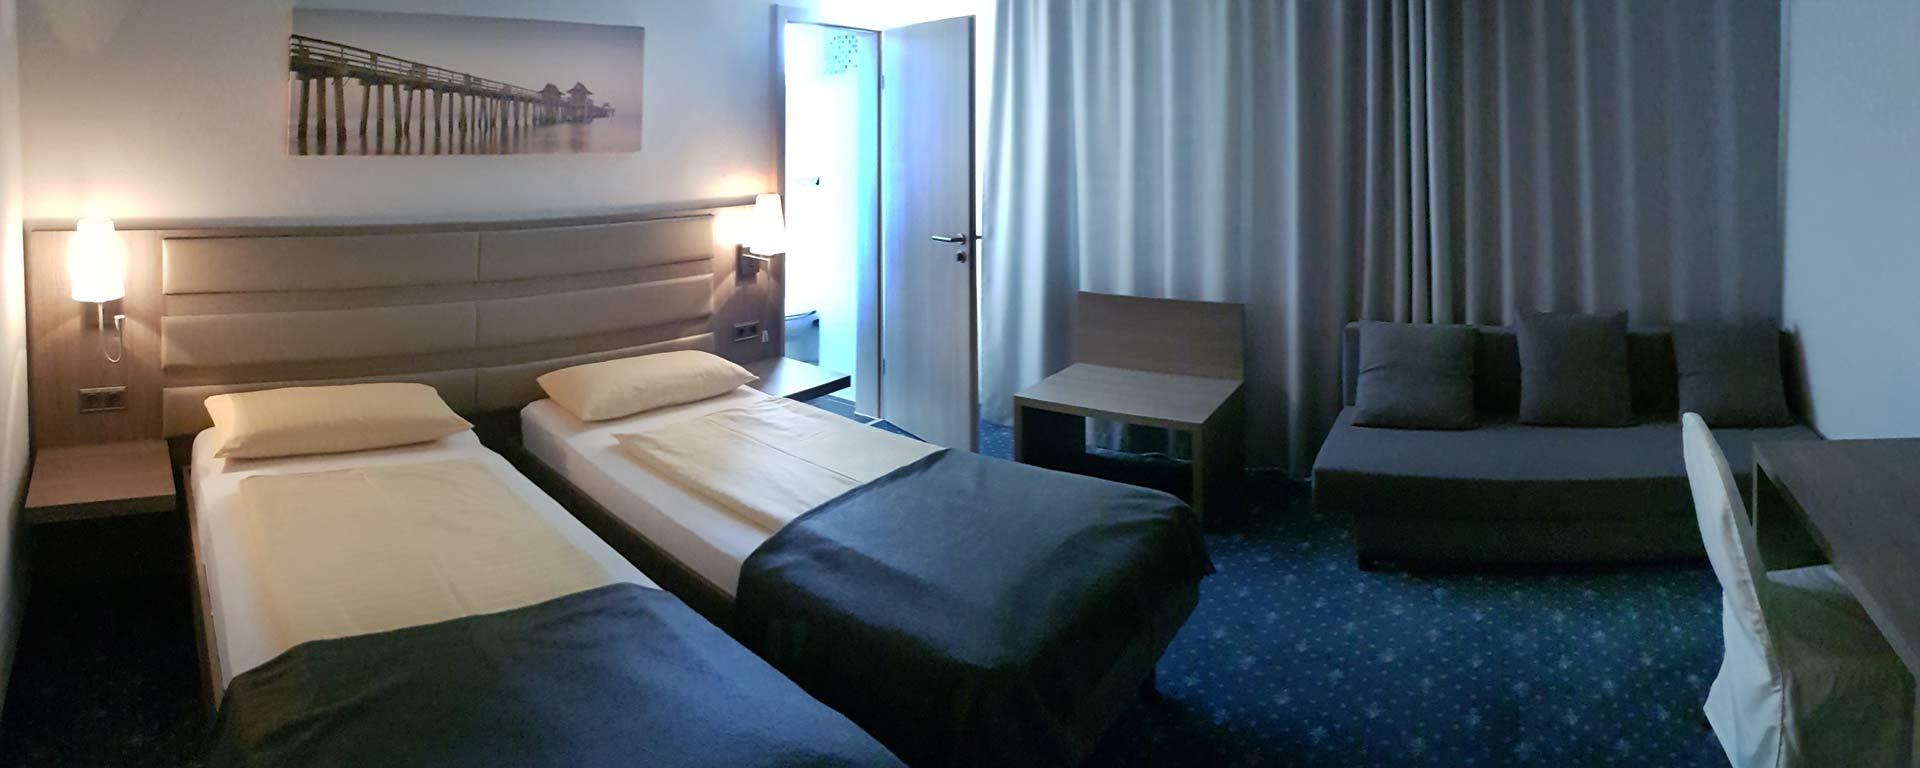 Preiswerte Hotel-Zimmer und Übernachtung in 86551 Aichach bei Dasing/ Augsburg